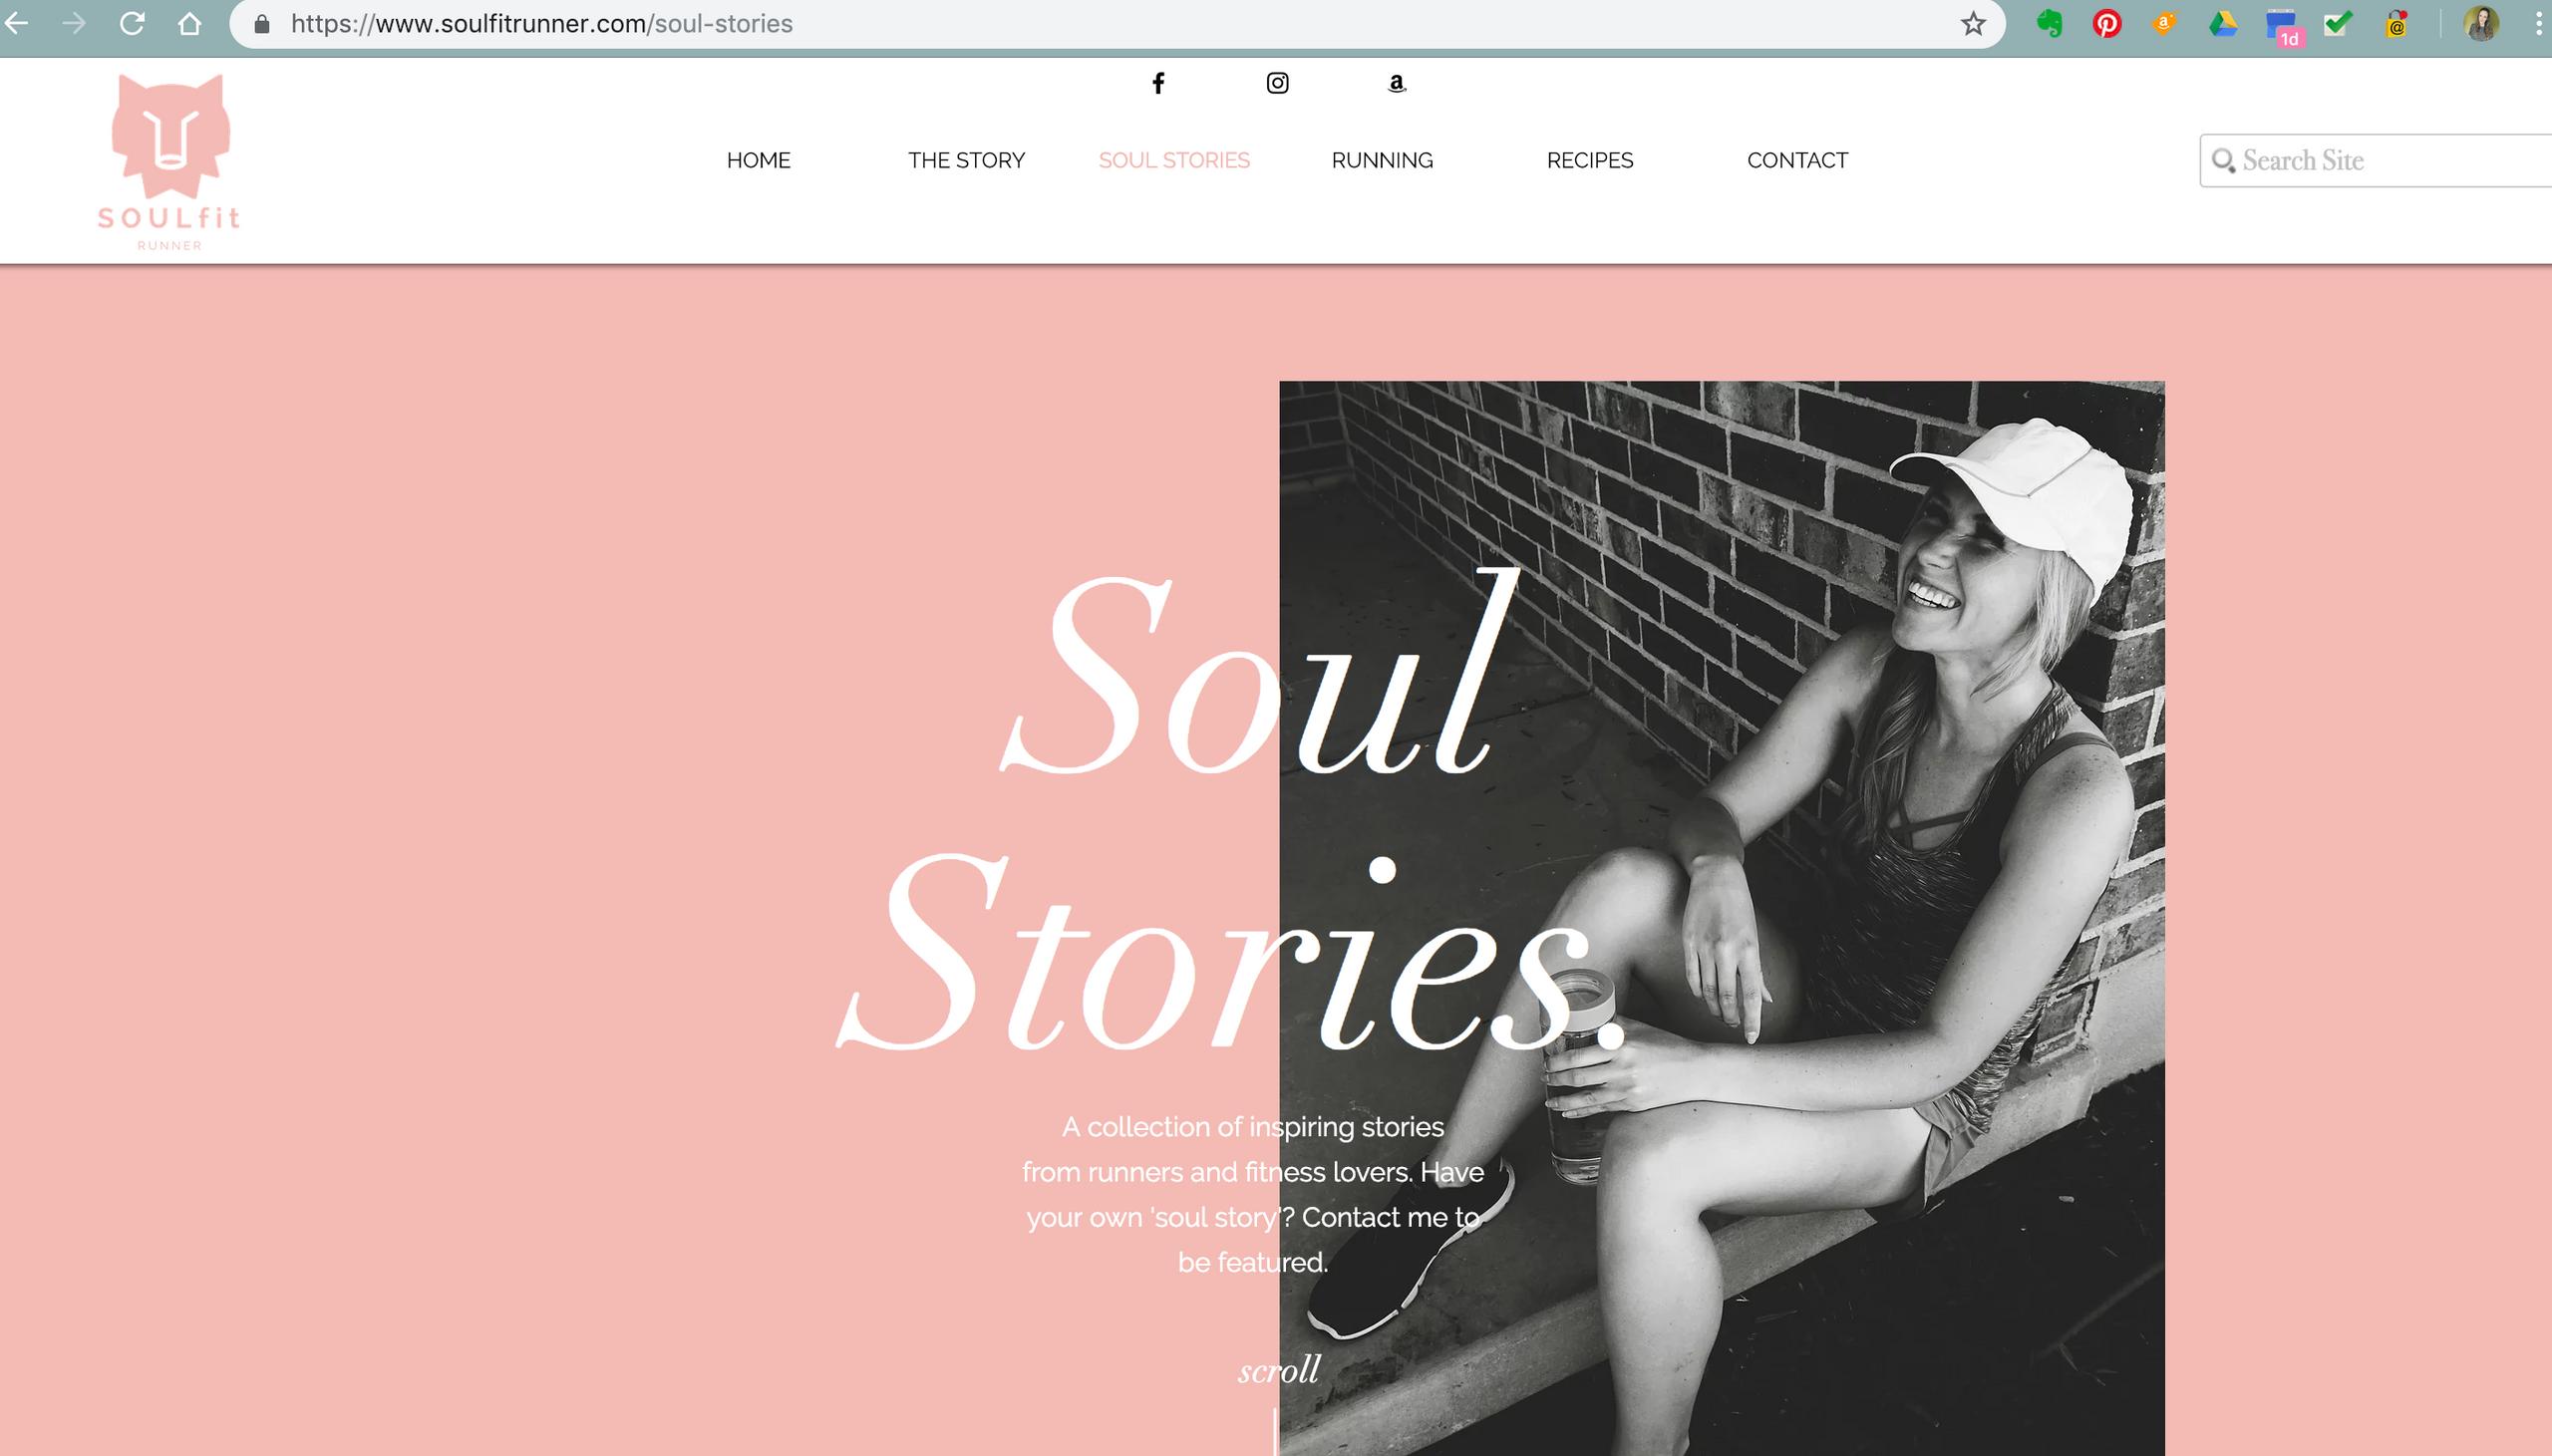 SOULfitRUNNER Website Design